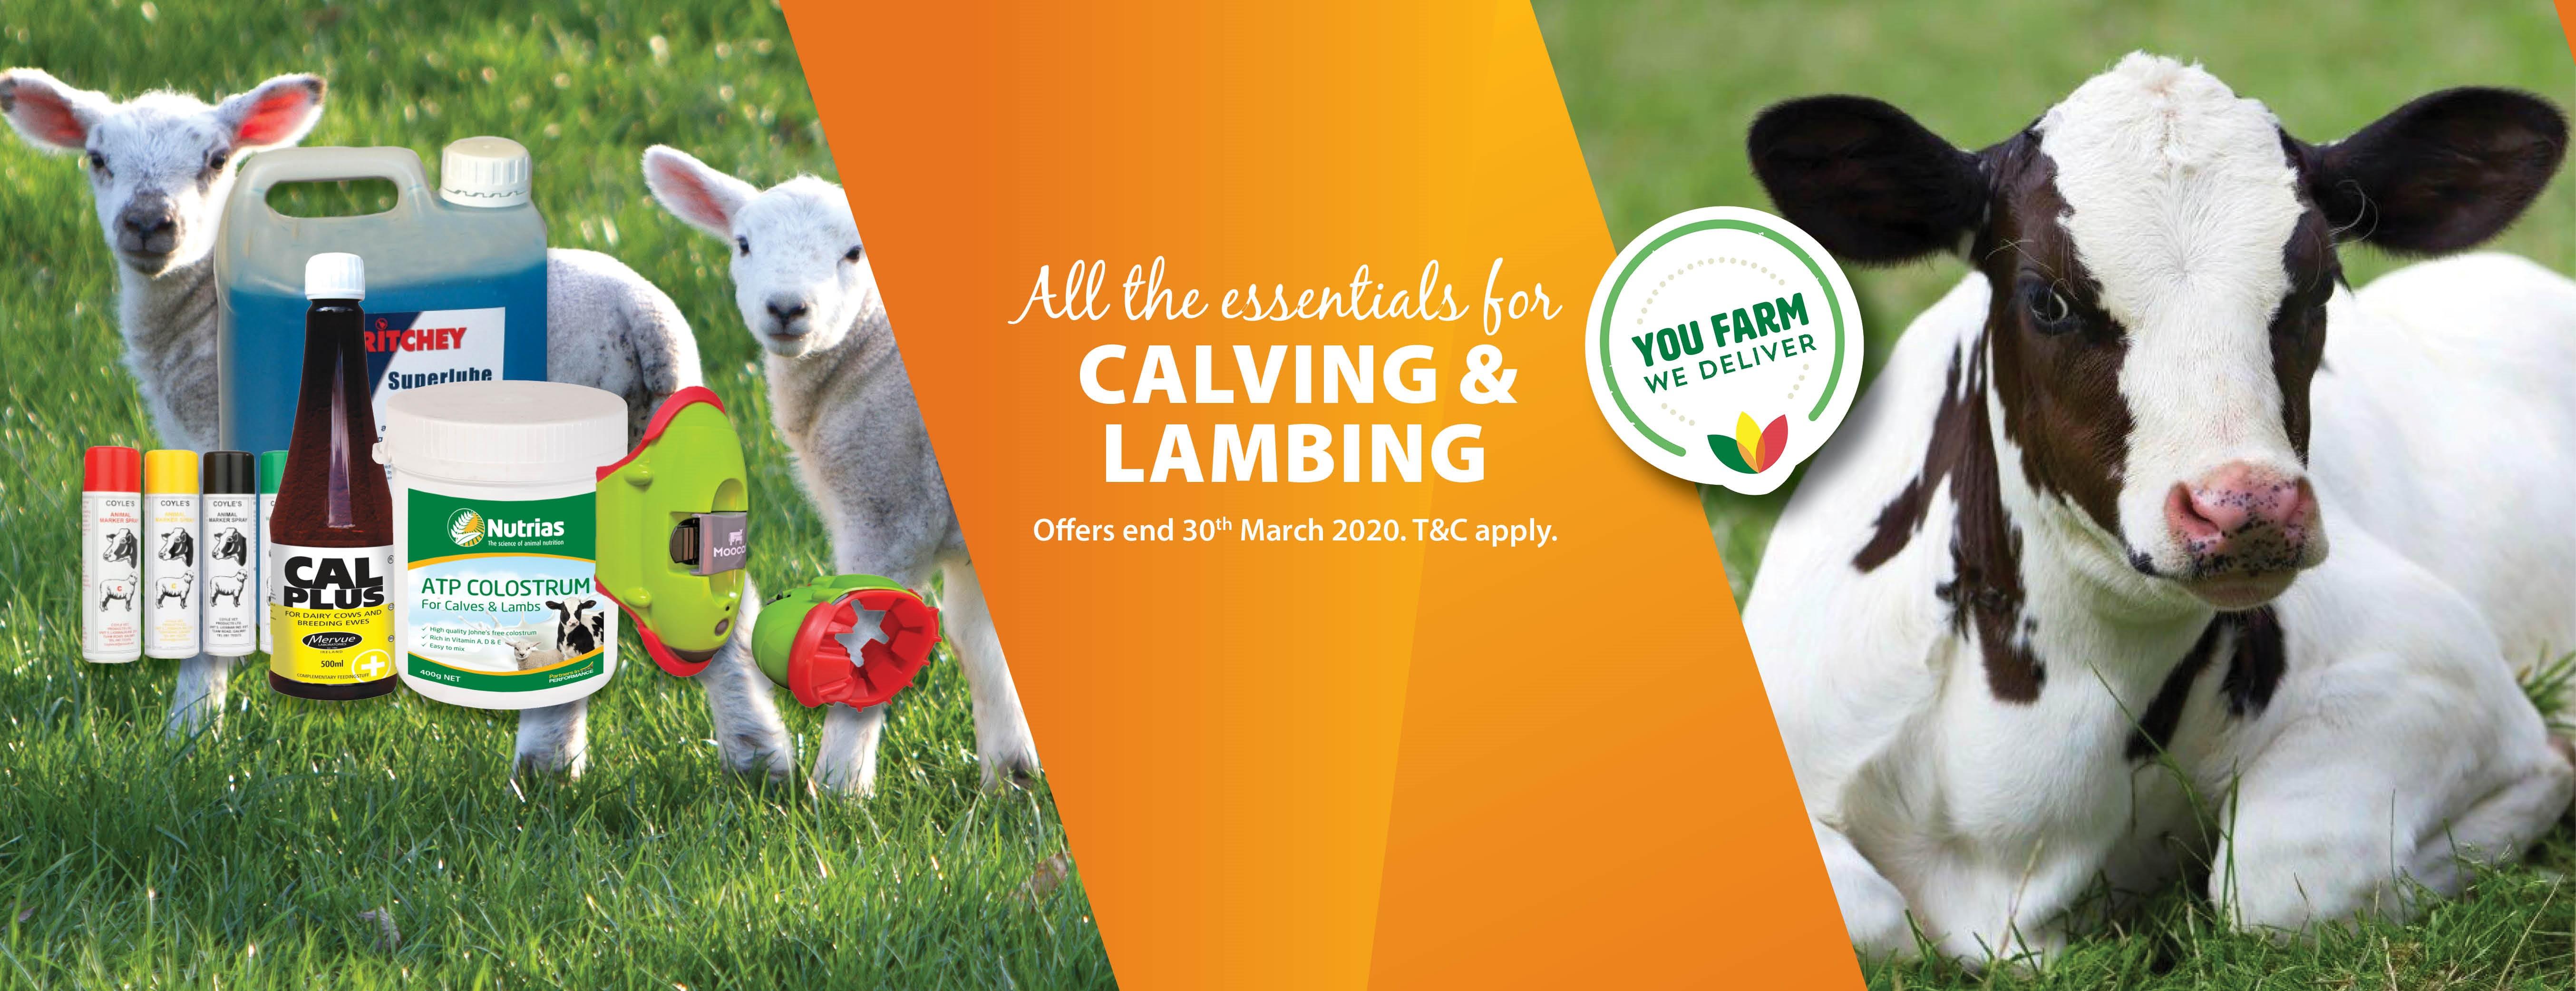 Calving-Lambing-2020